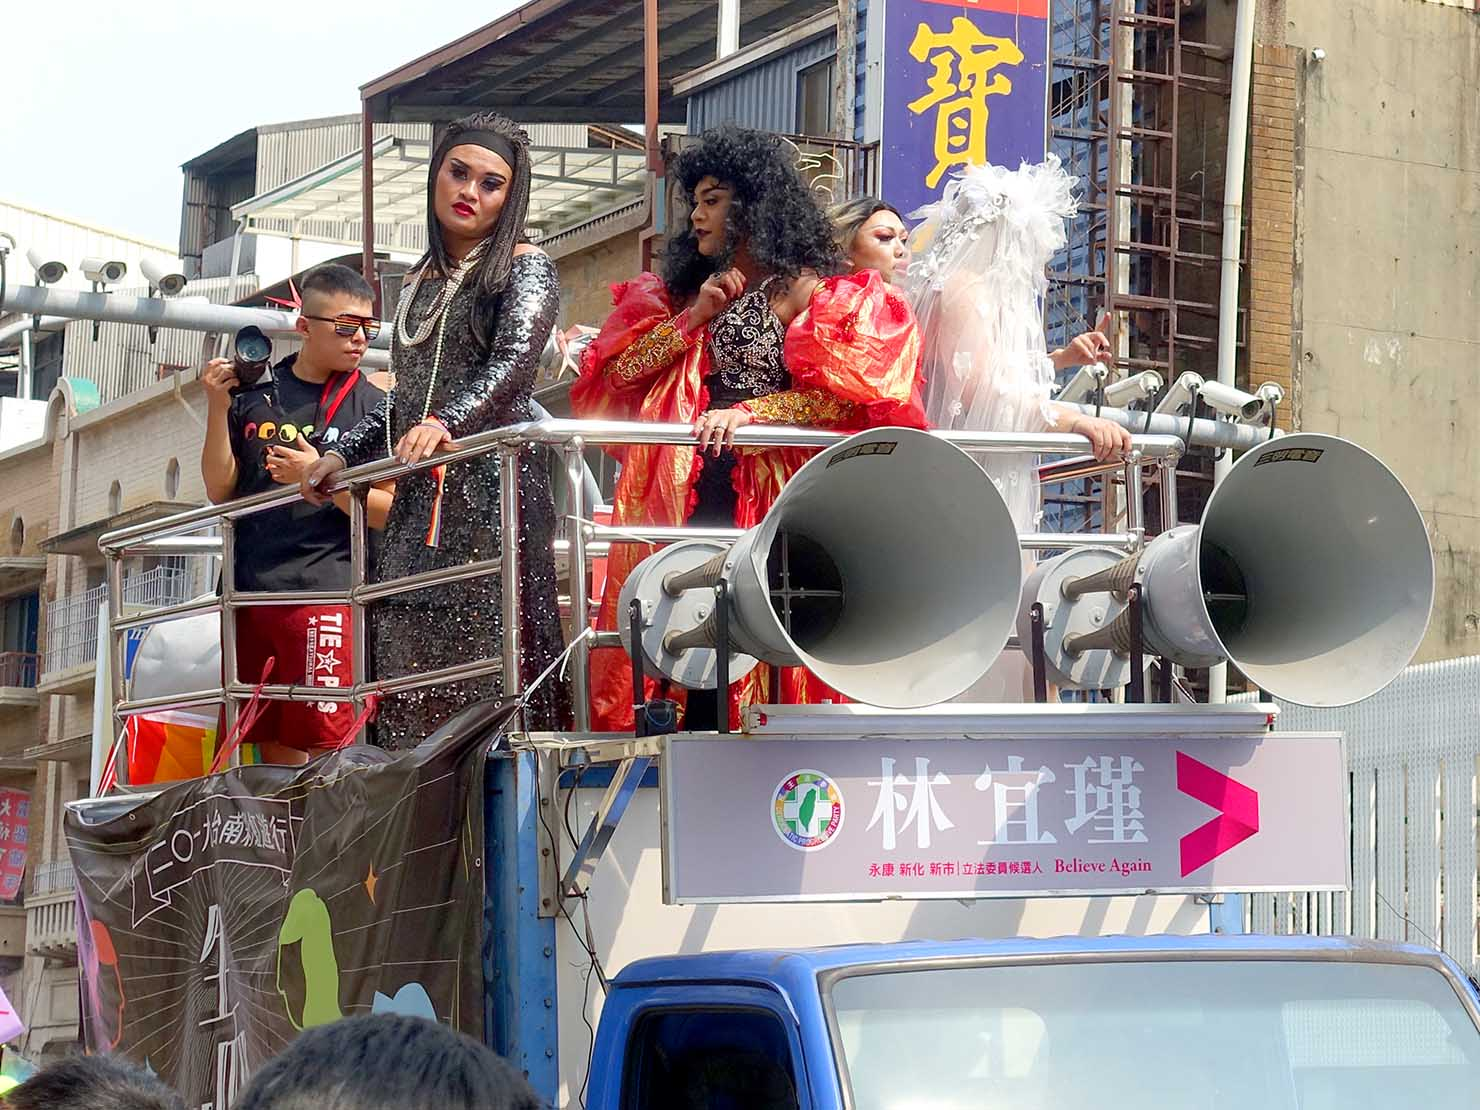 台南彩虹遊行(台南レインボーパレード)2019のパレードカーに乗り込むドラァグクイーン